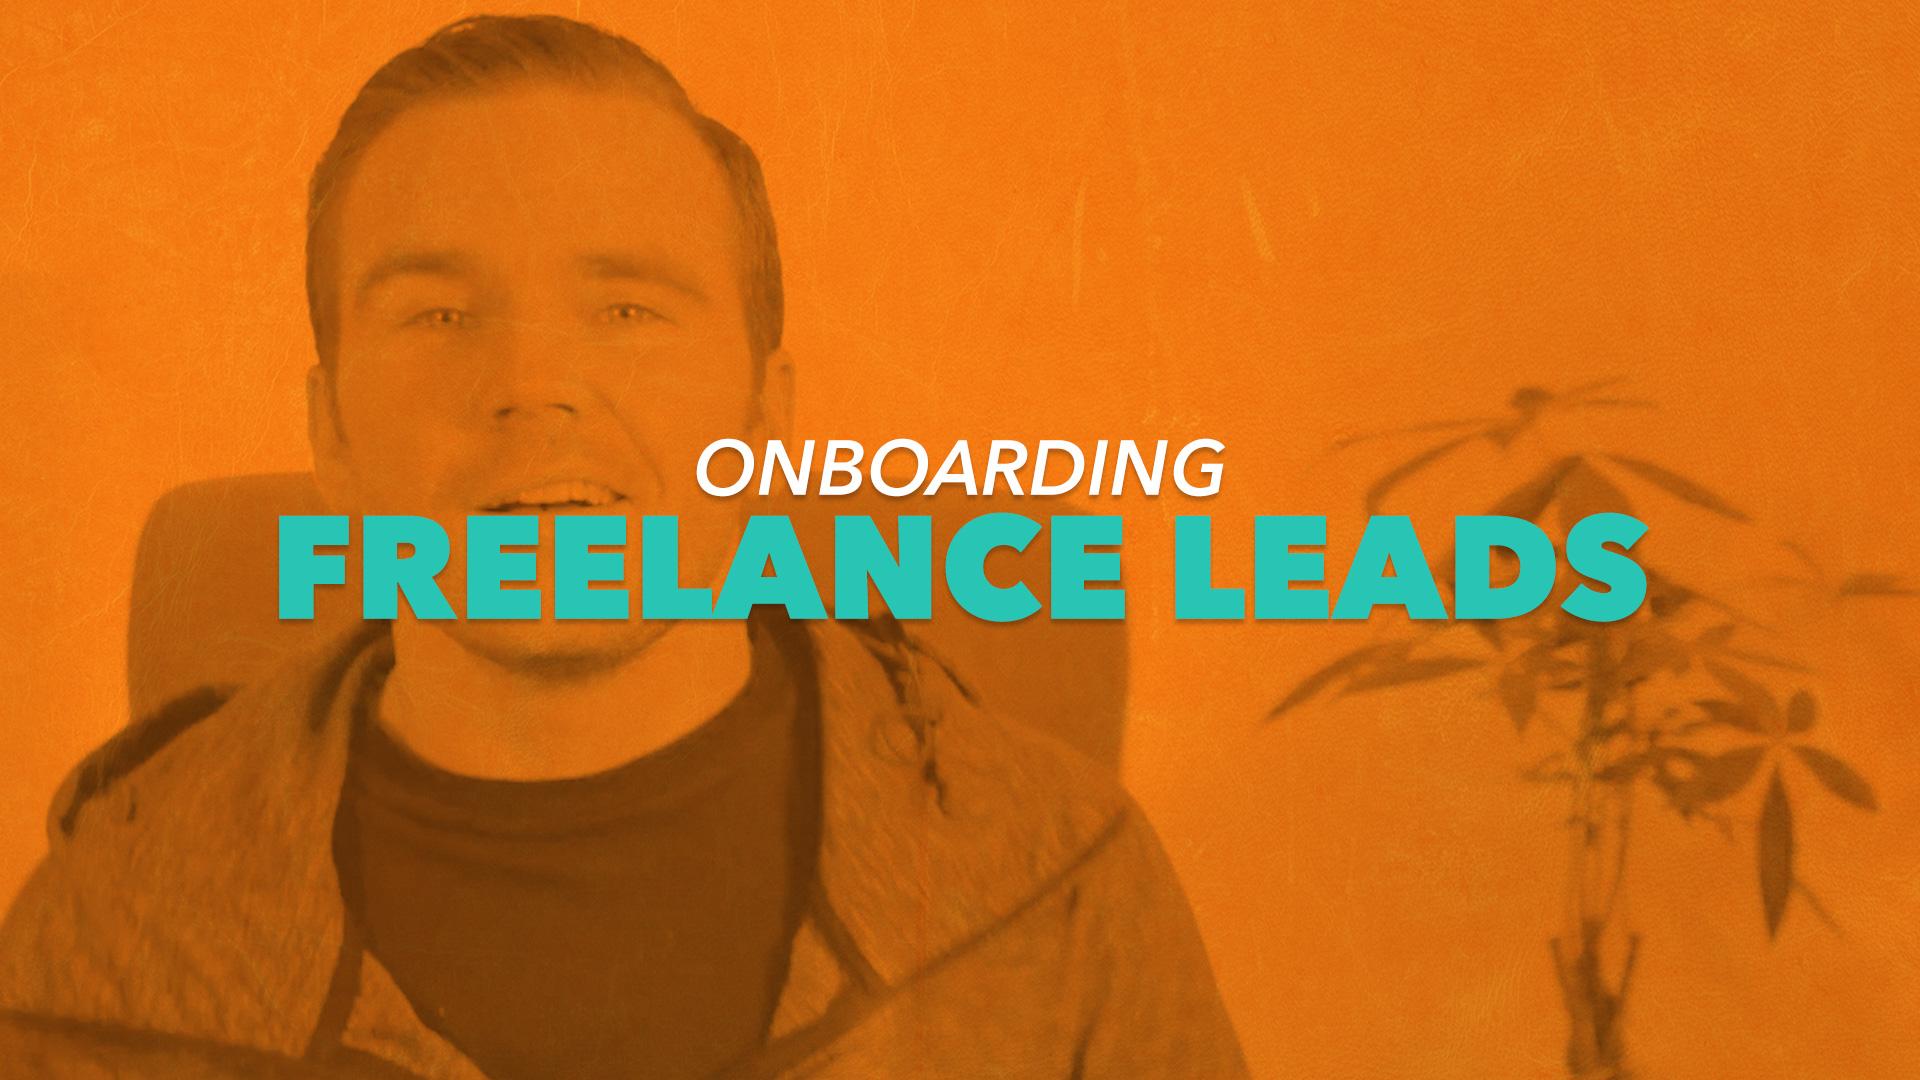 onboarding freelance leads